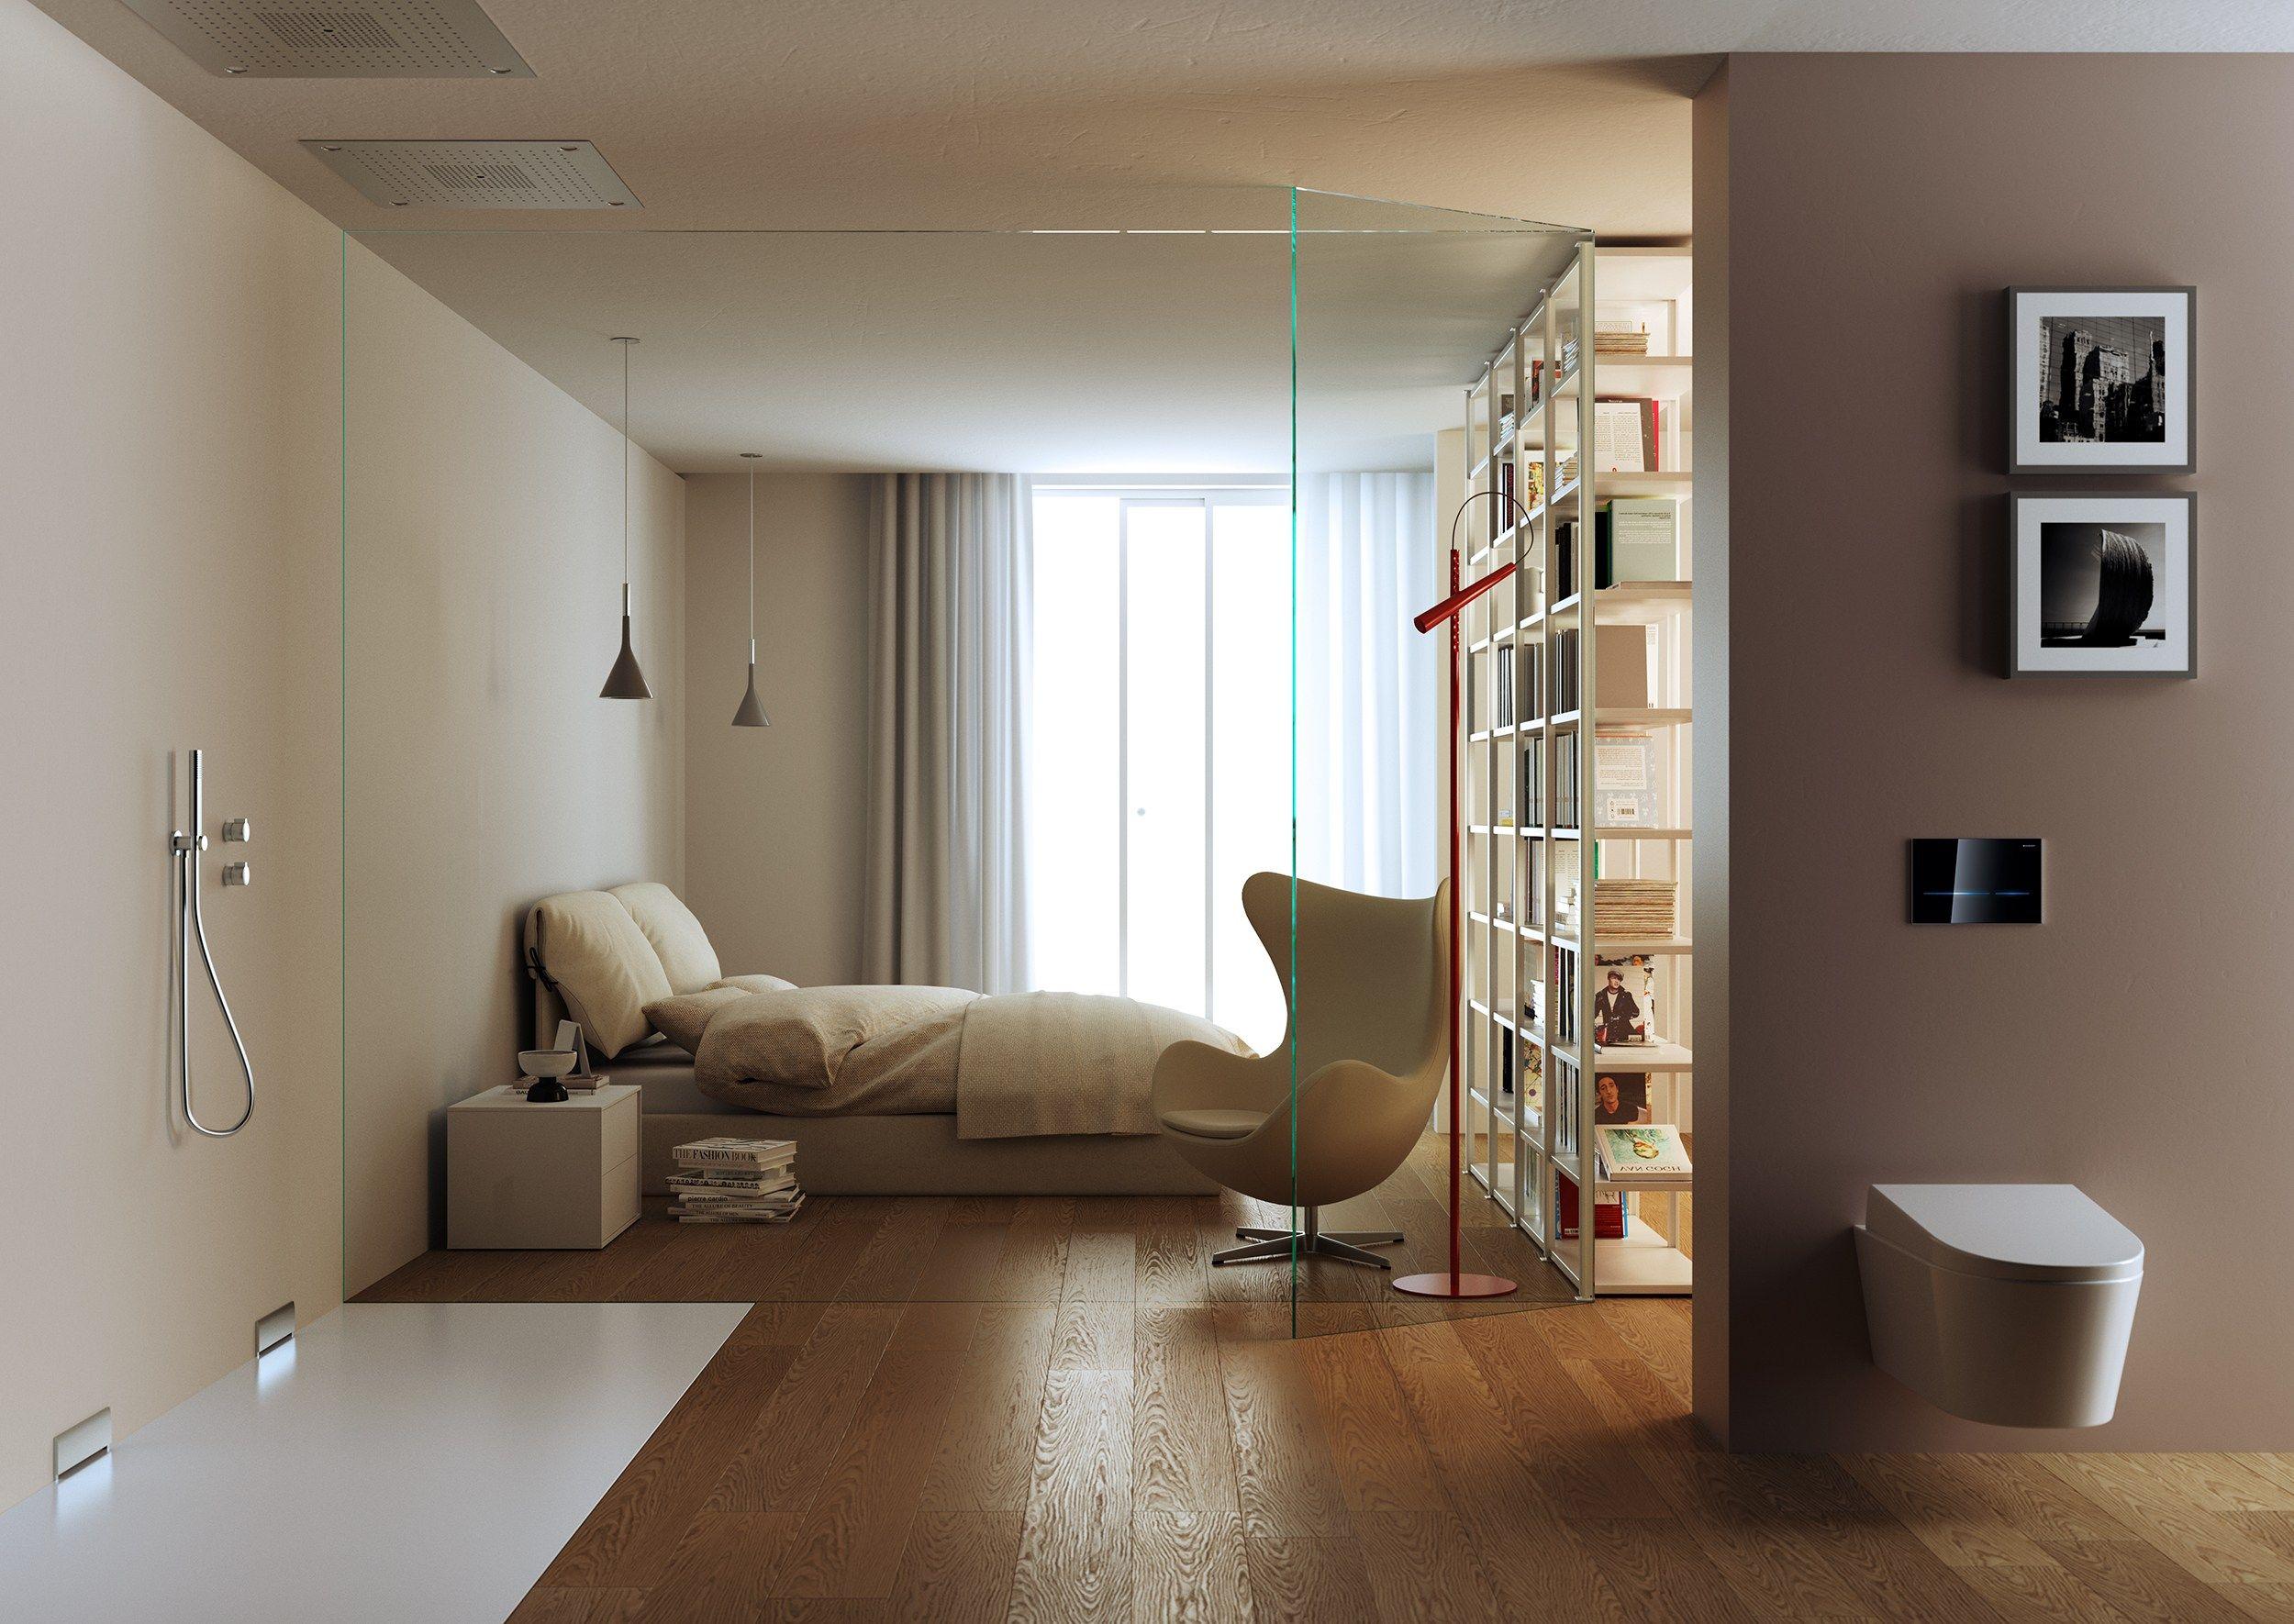 wall hung toilet with bidet aquaclean sela aquaclean. Black Bedroom Furniture Sets. Home Design Ideas